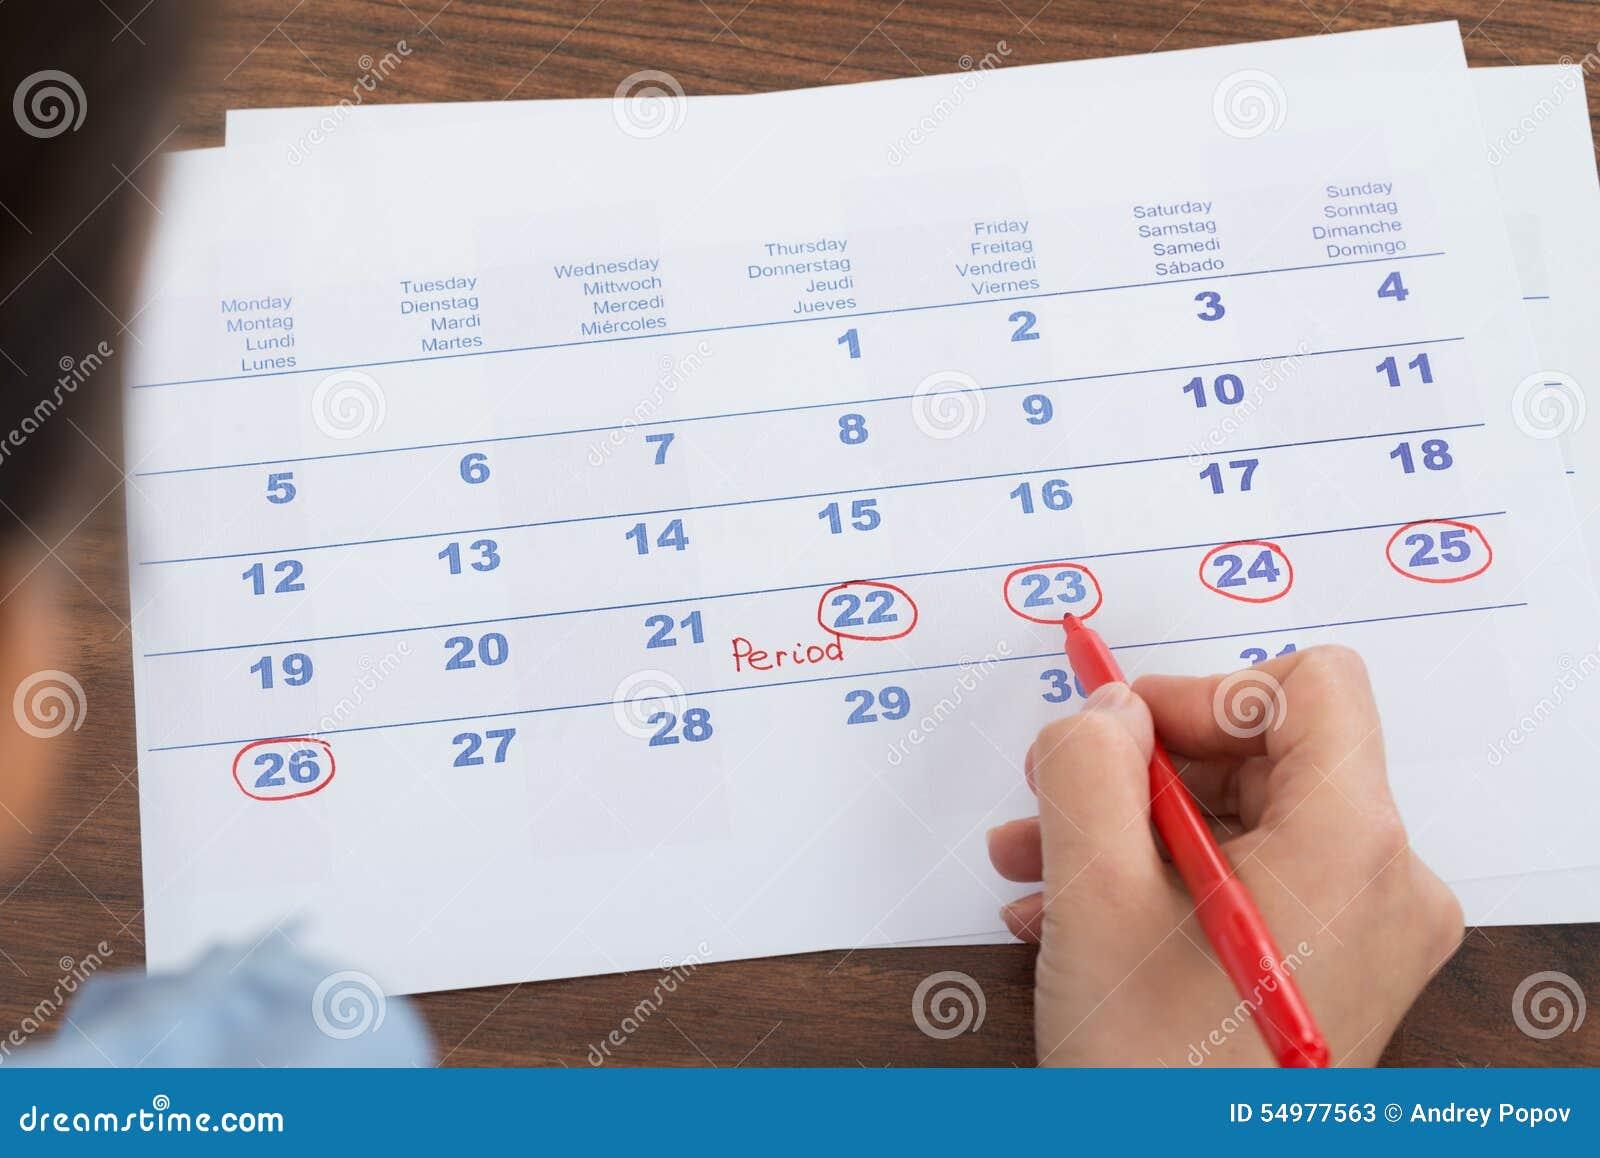 Marca Calendario.Marca De La Persona En Calendario Imagen De Archivo Imagen De